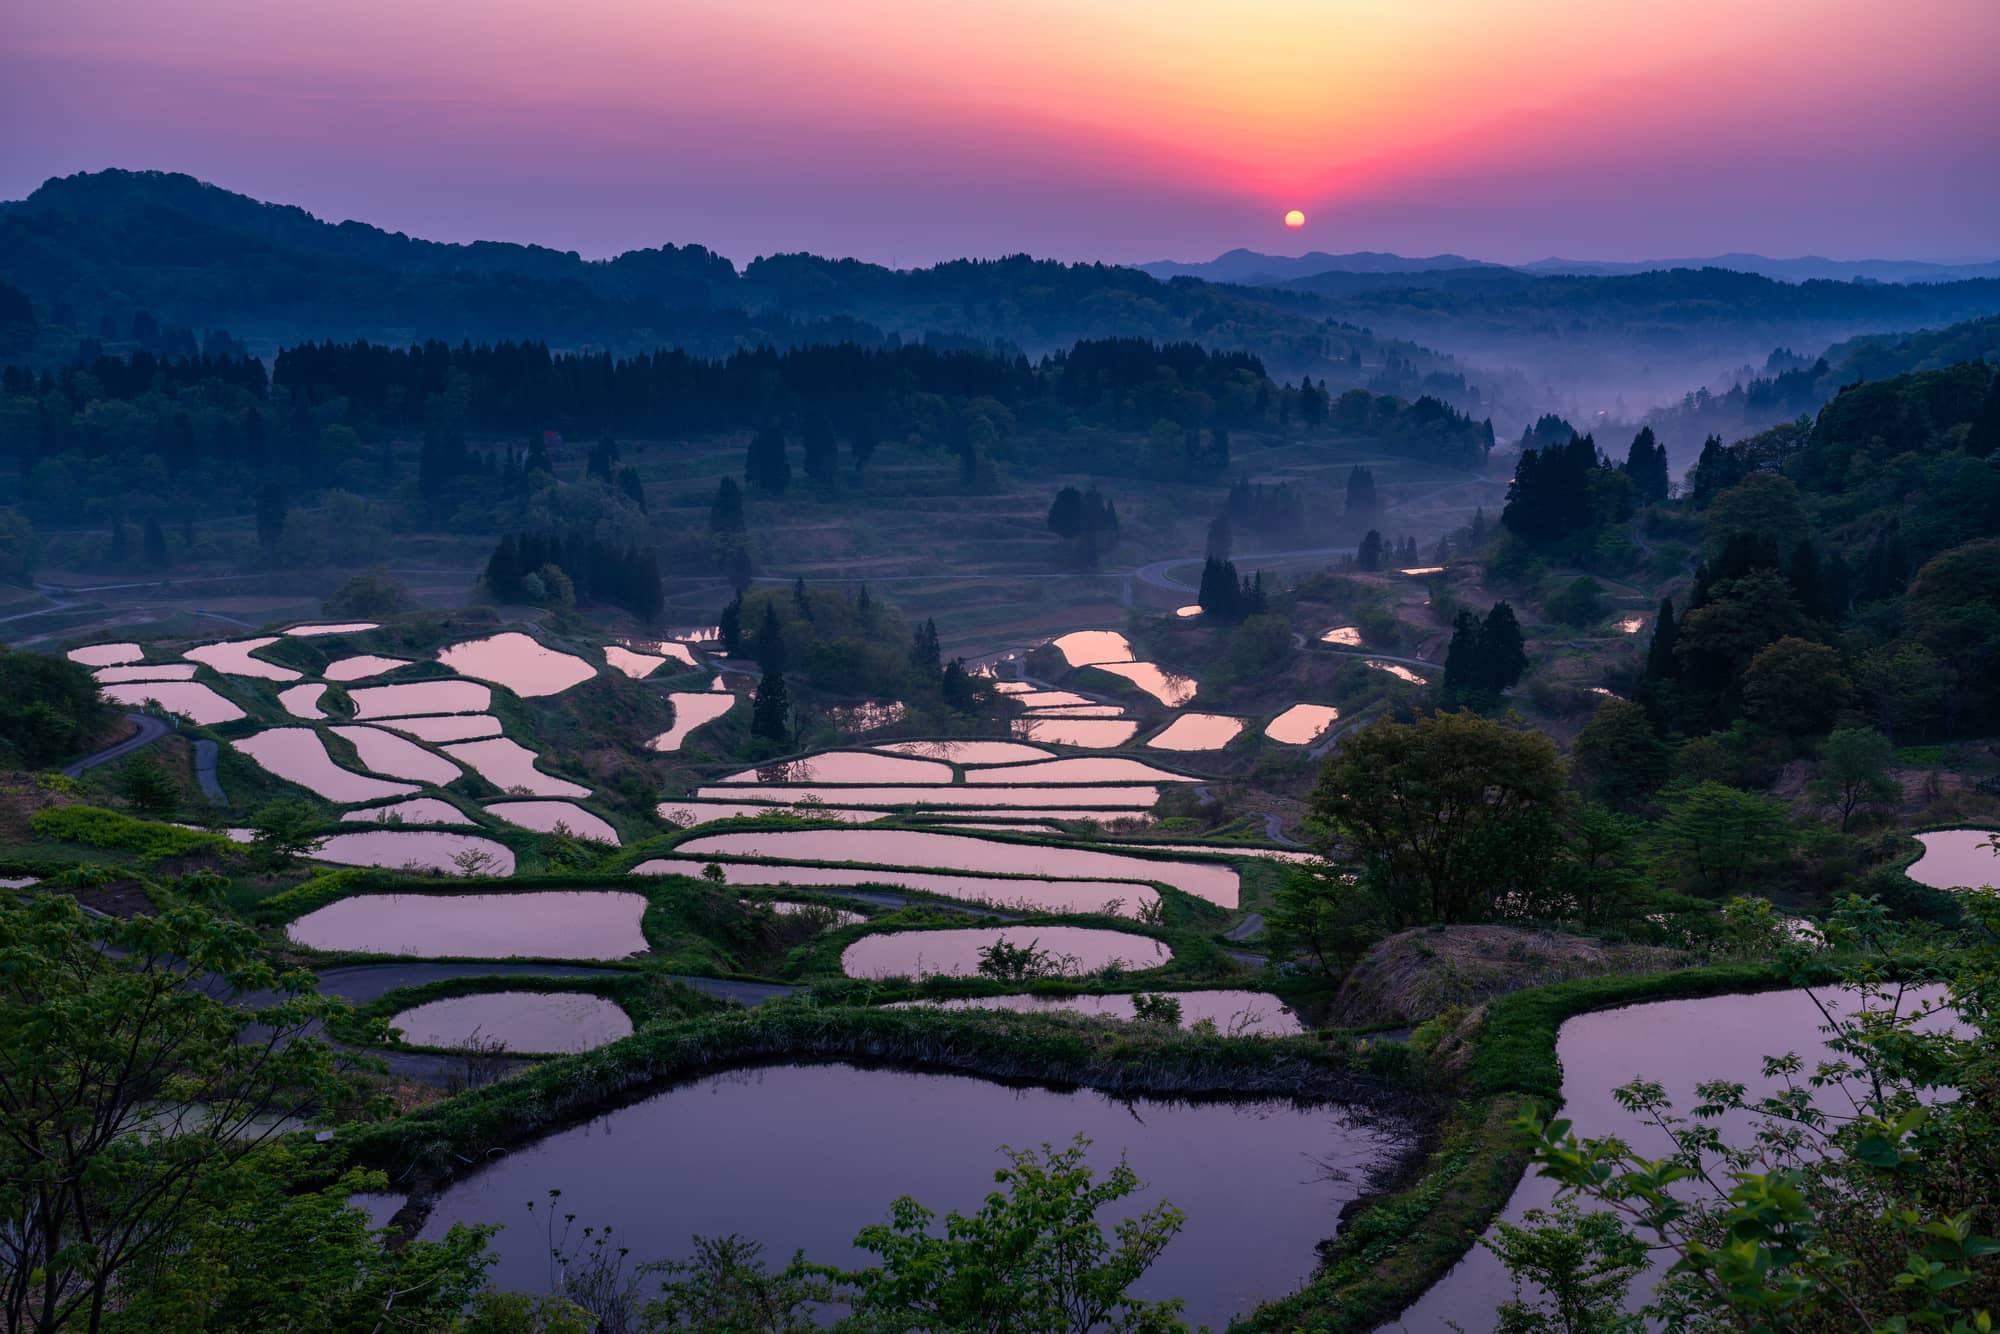 星峠の棚田】で日本ならではの絶景を楽しもう!|THE GATE|日本の旅行 ...